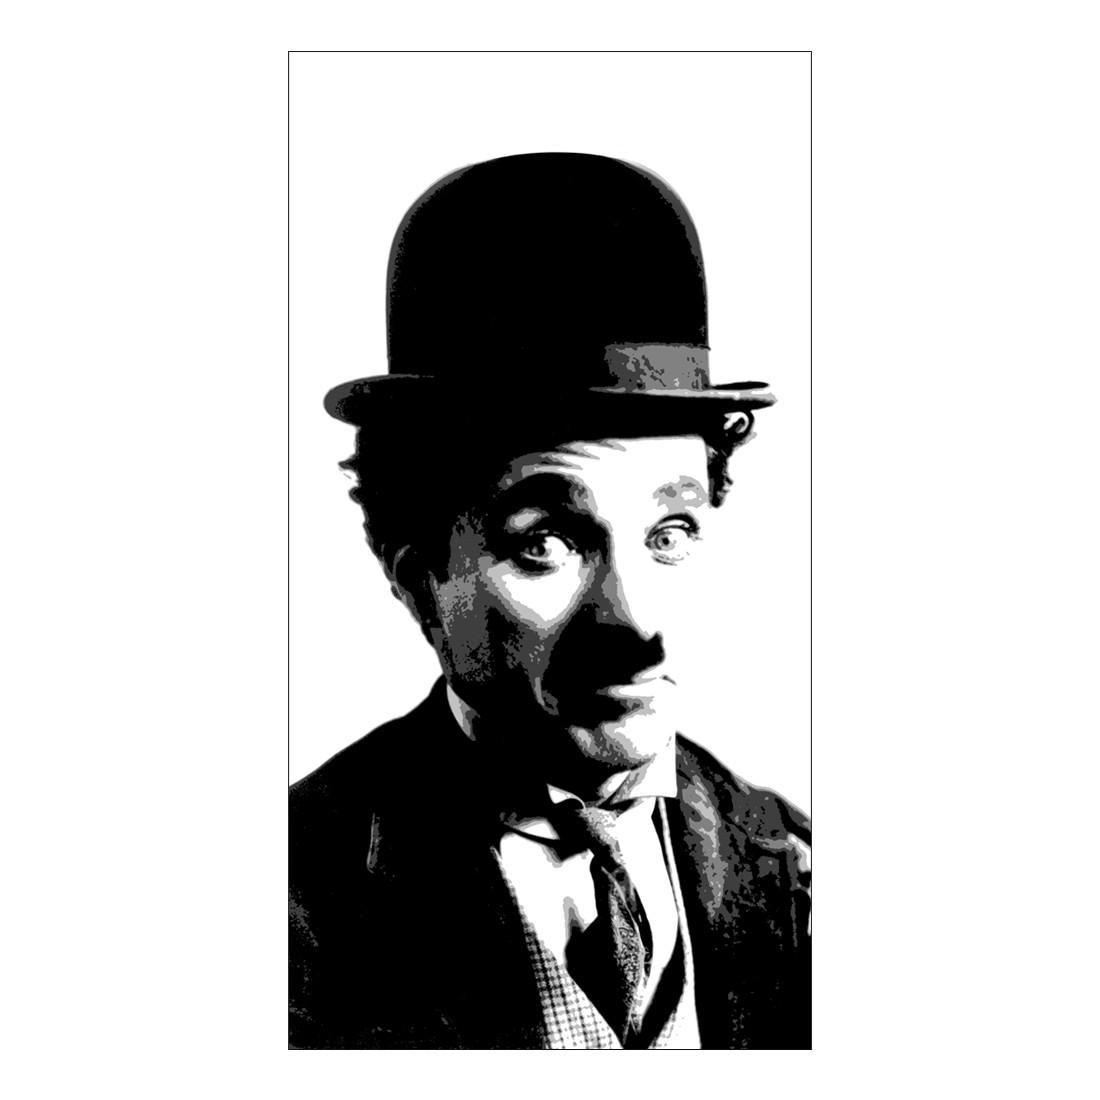 Leinwandbild Charlie Chaplin – 100 x 50cm, Gallery of Innovative Art bestellen